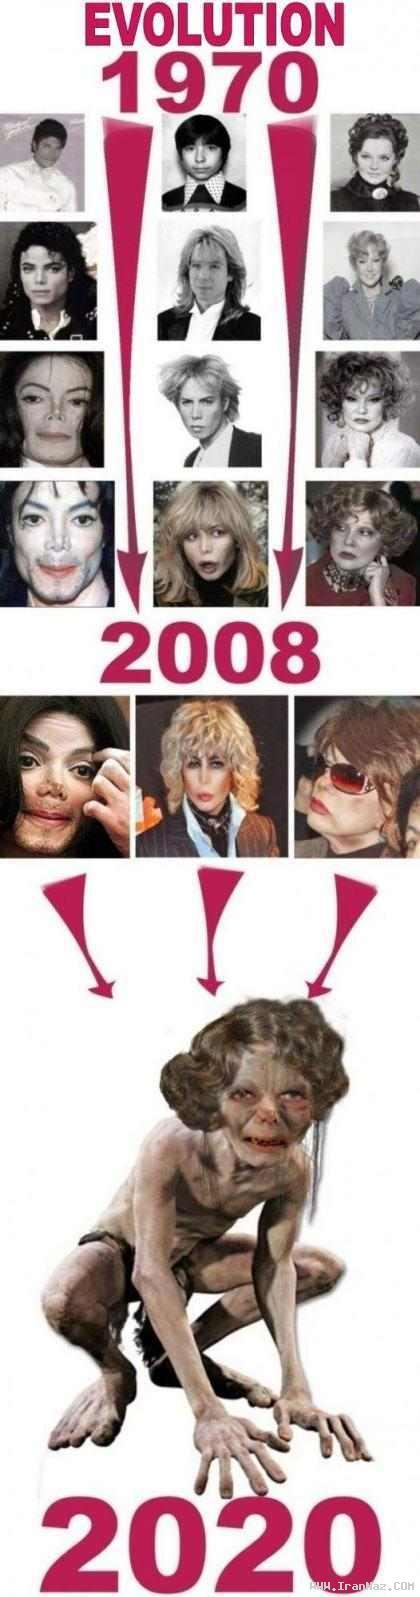 اگر مایکل جکسون زنده می ماند چه شکلی میشد؟!!